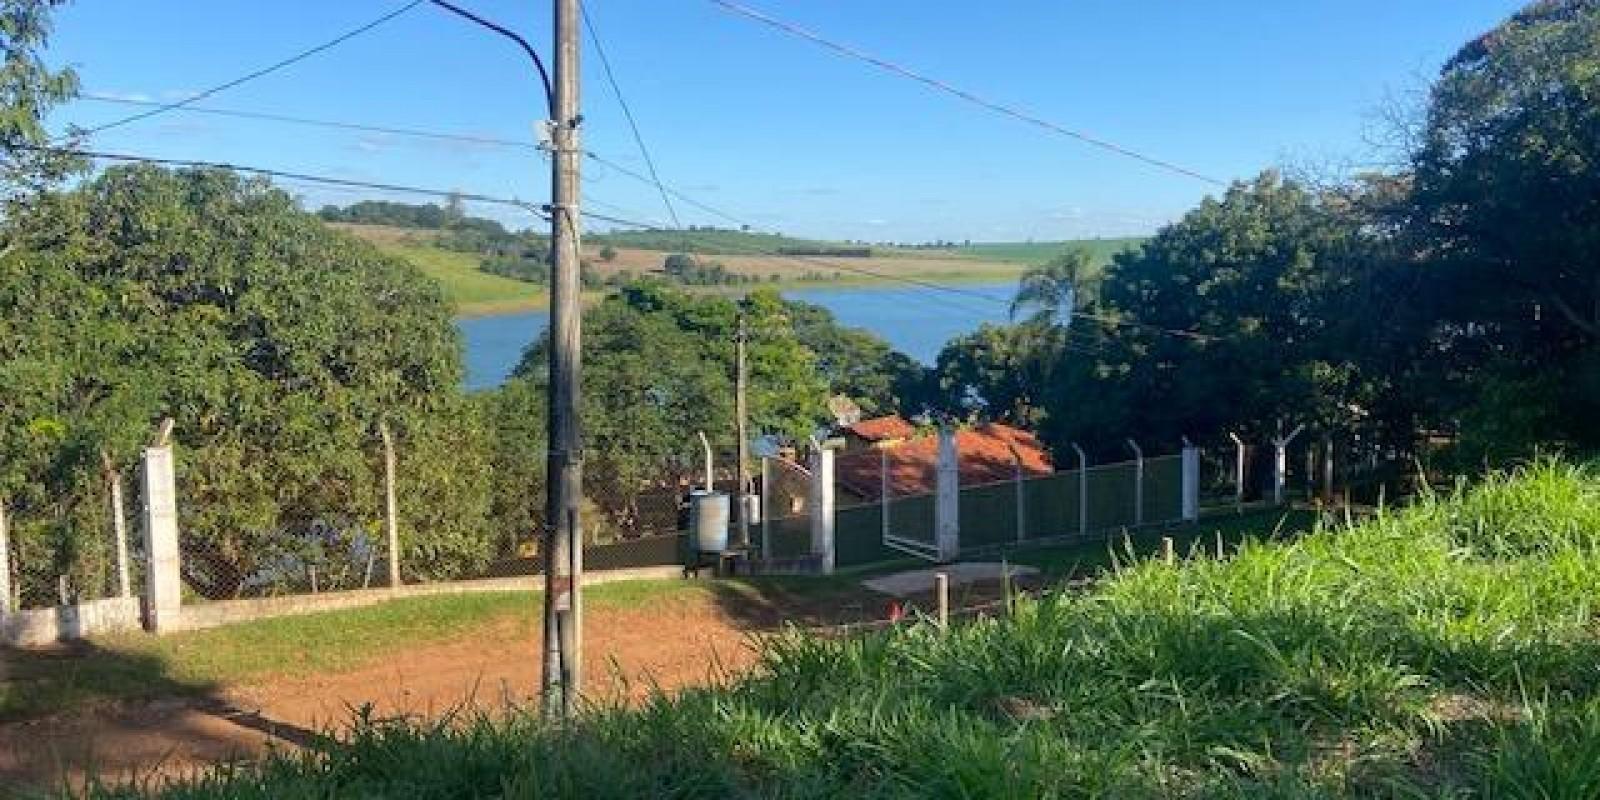 Terreno a Venda na Represa Cond Portal do Catavento em Arandu SP - Foto 4 de 9